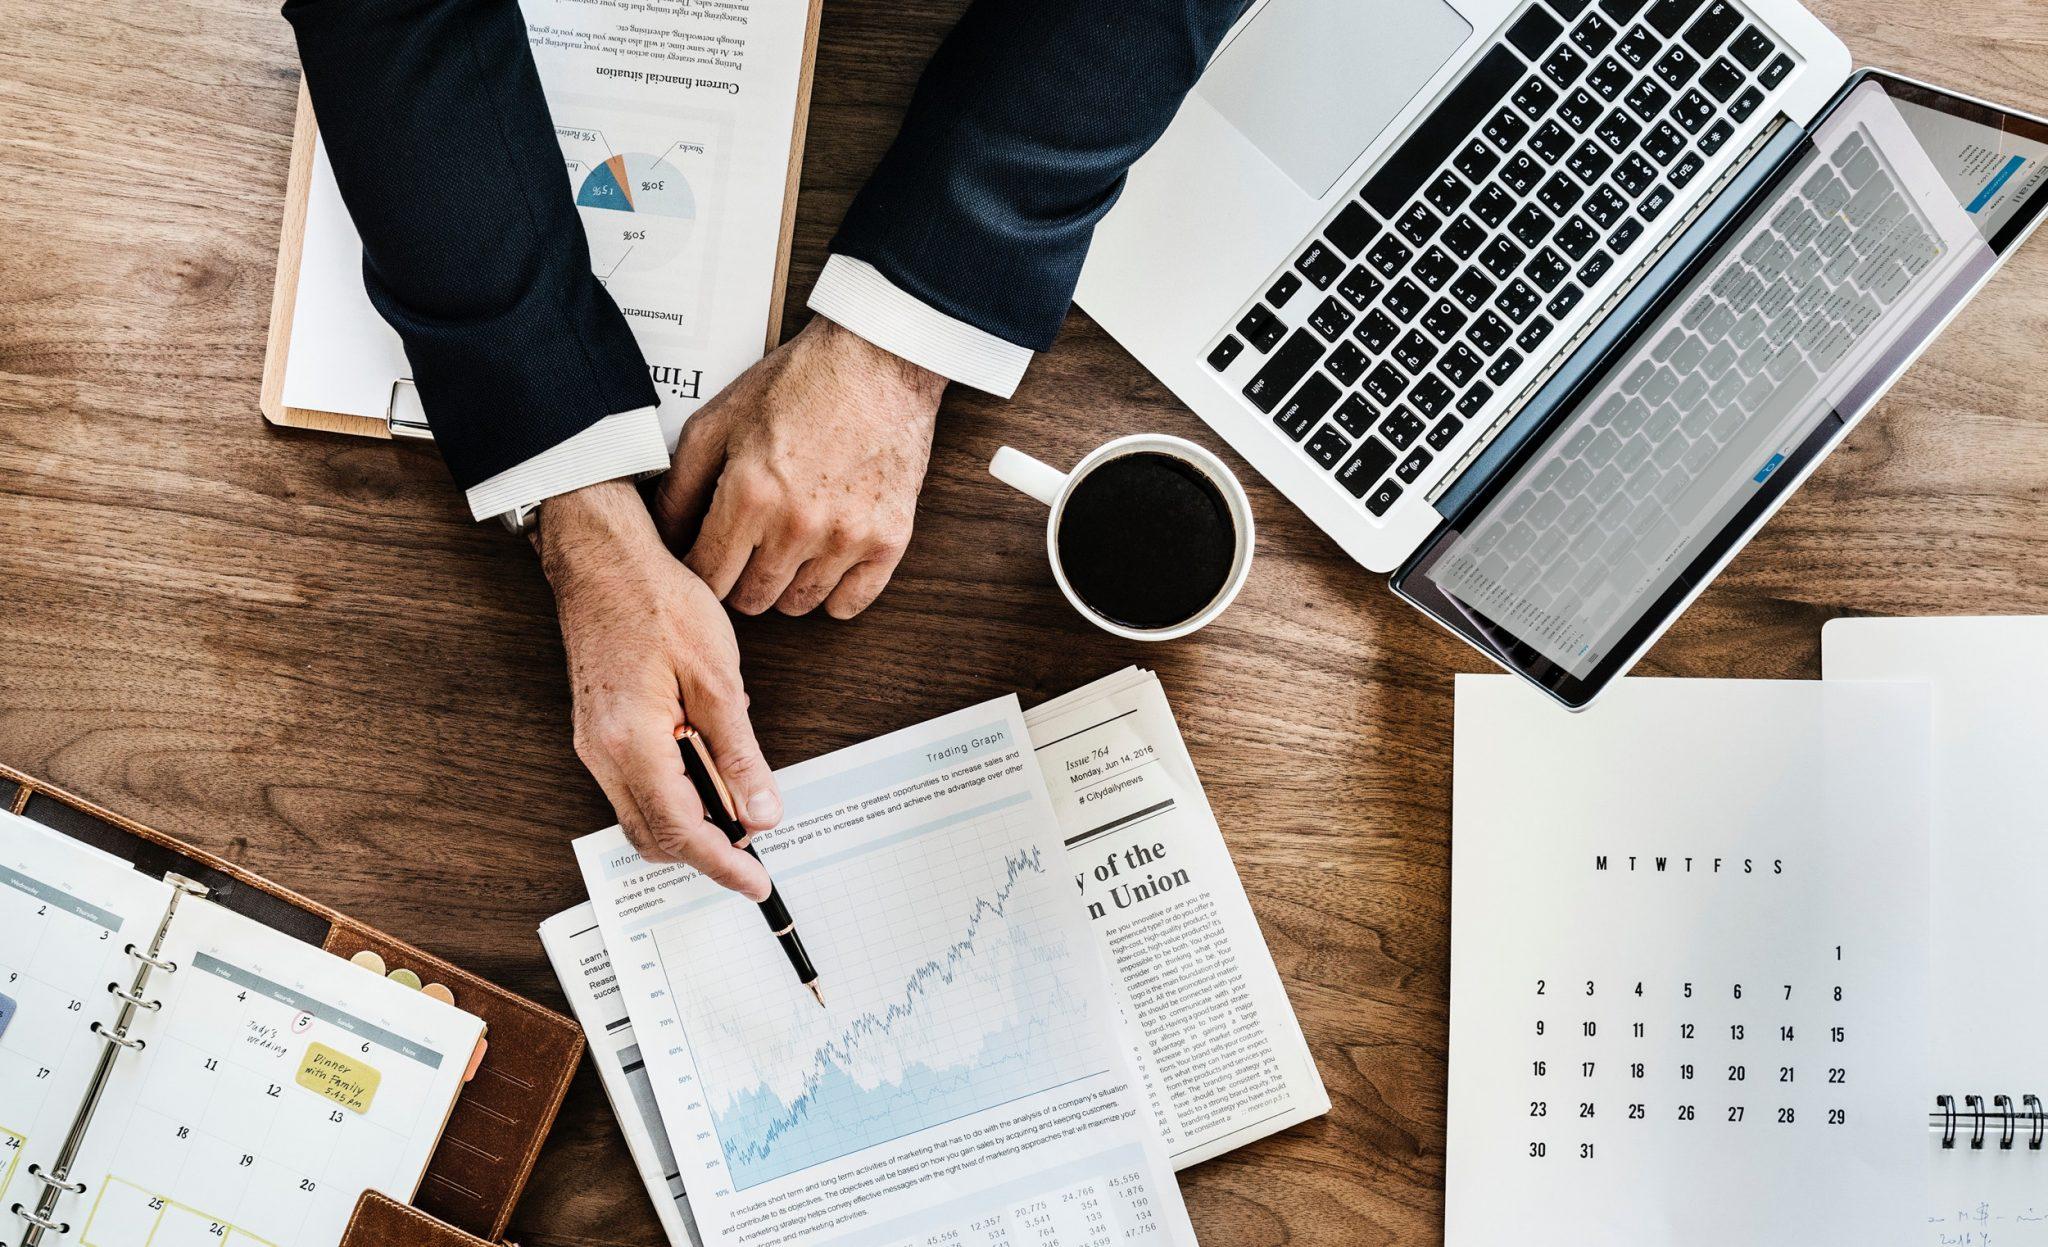 trucchi per ottimizzare le finanze